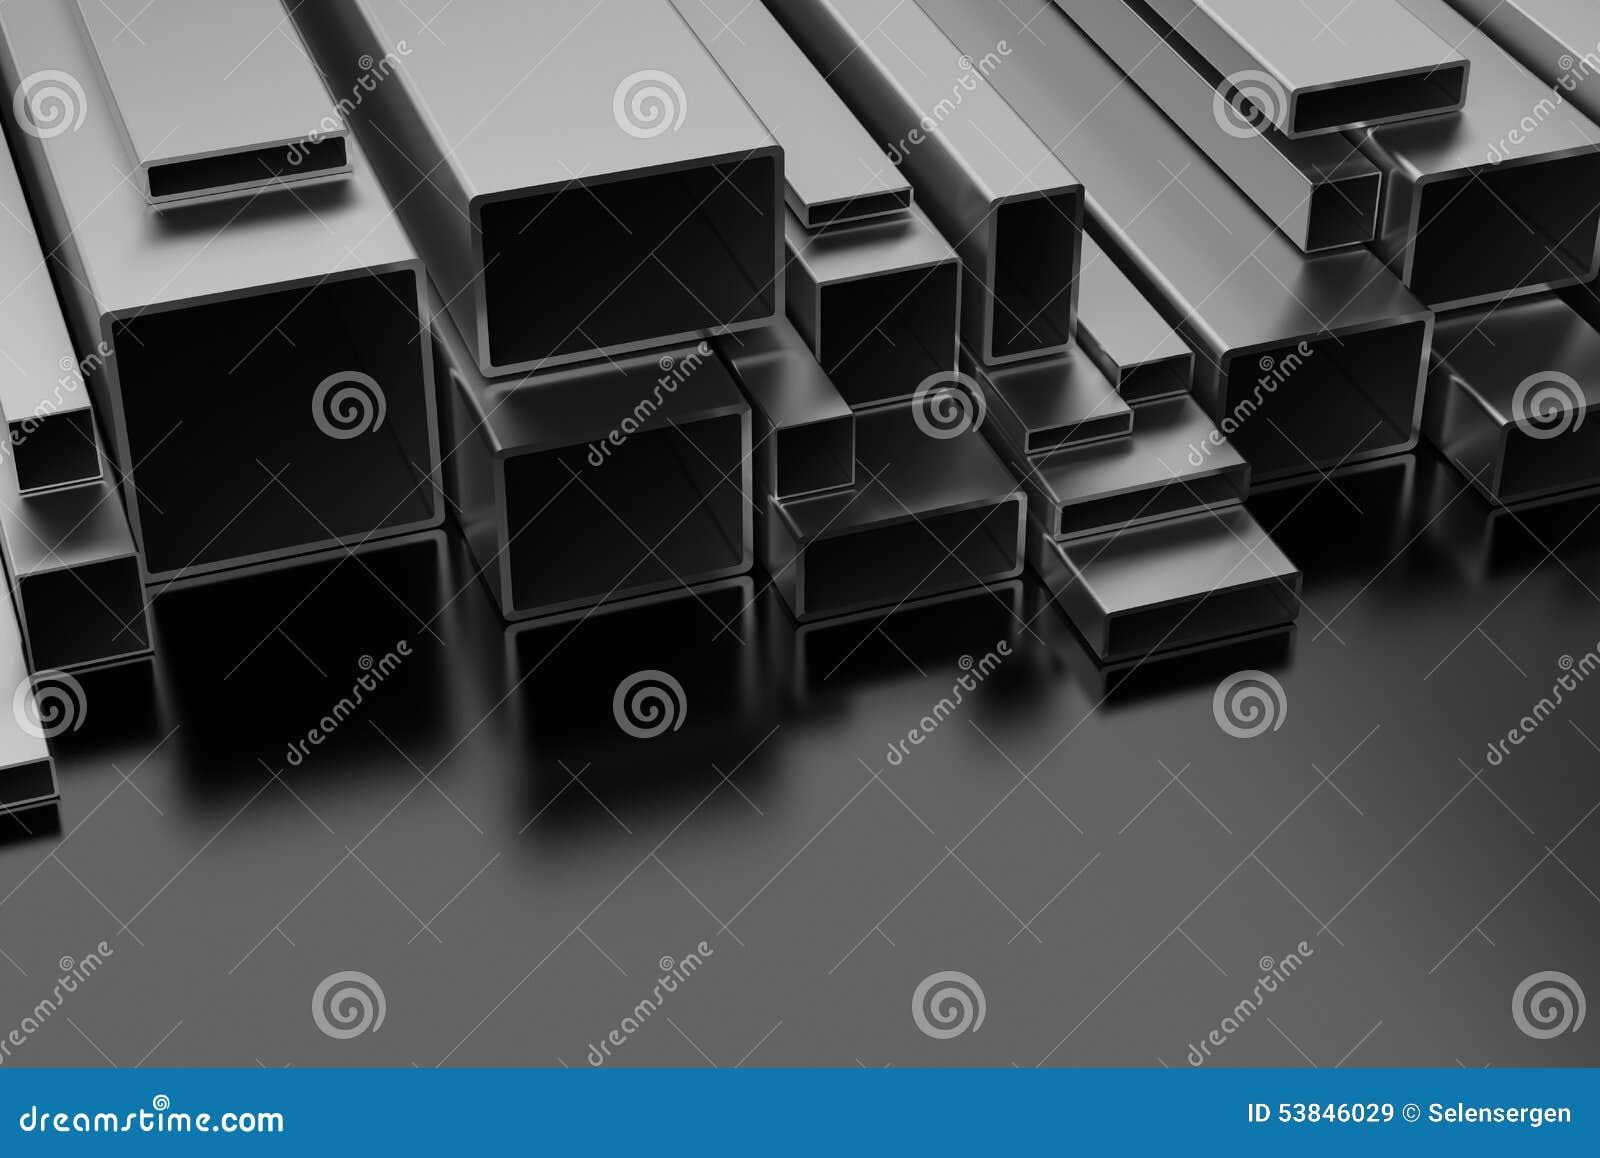 Perfiles de acero stock de ilustraci n imagen 53846029 - Perfil acero inoxidable precio ...